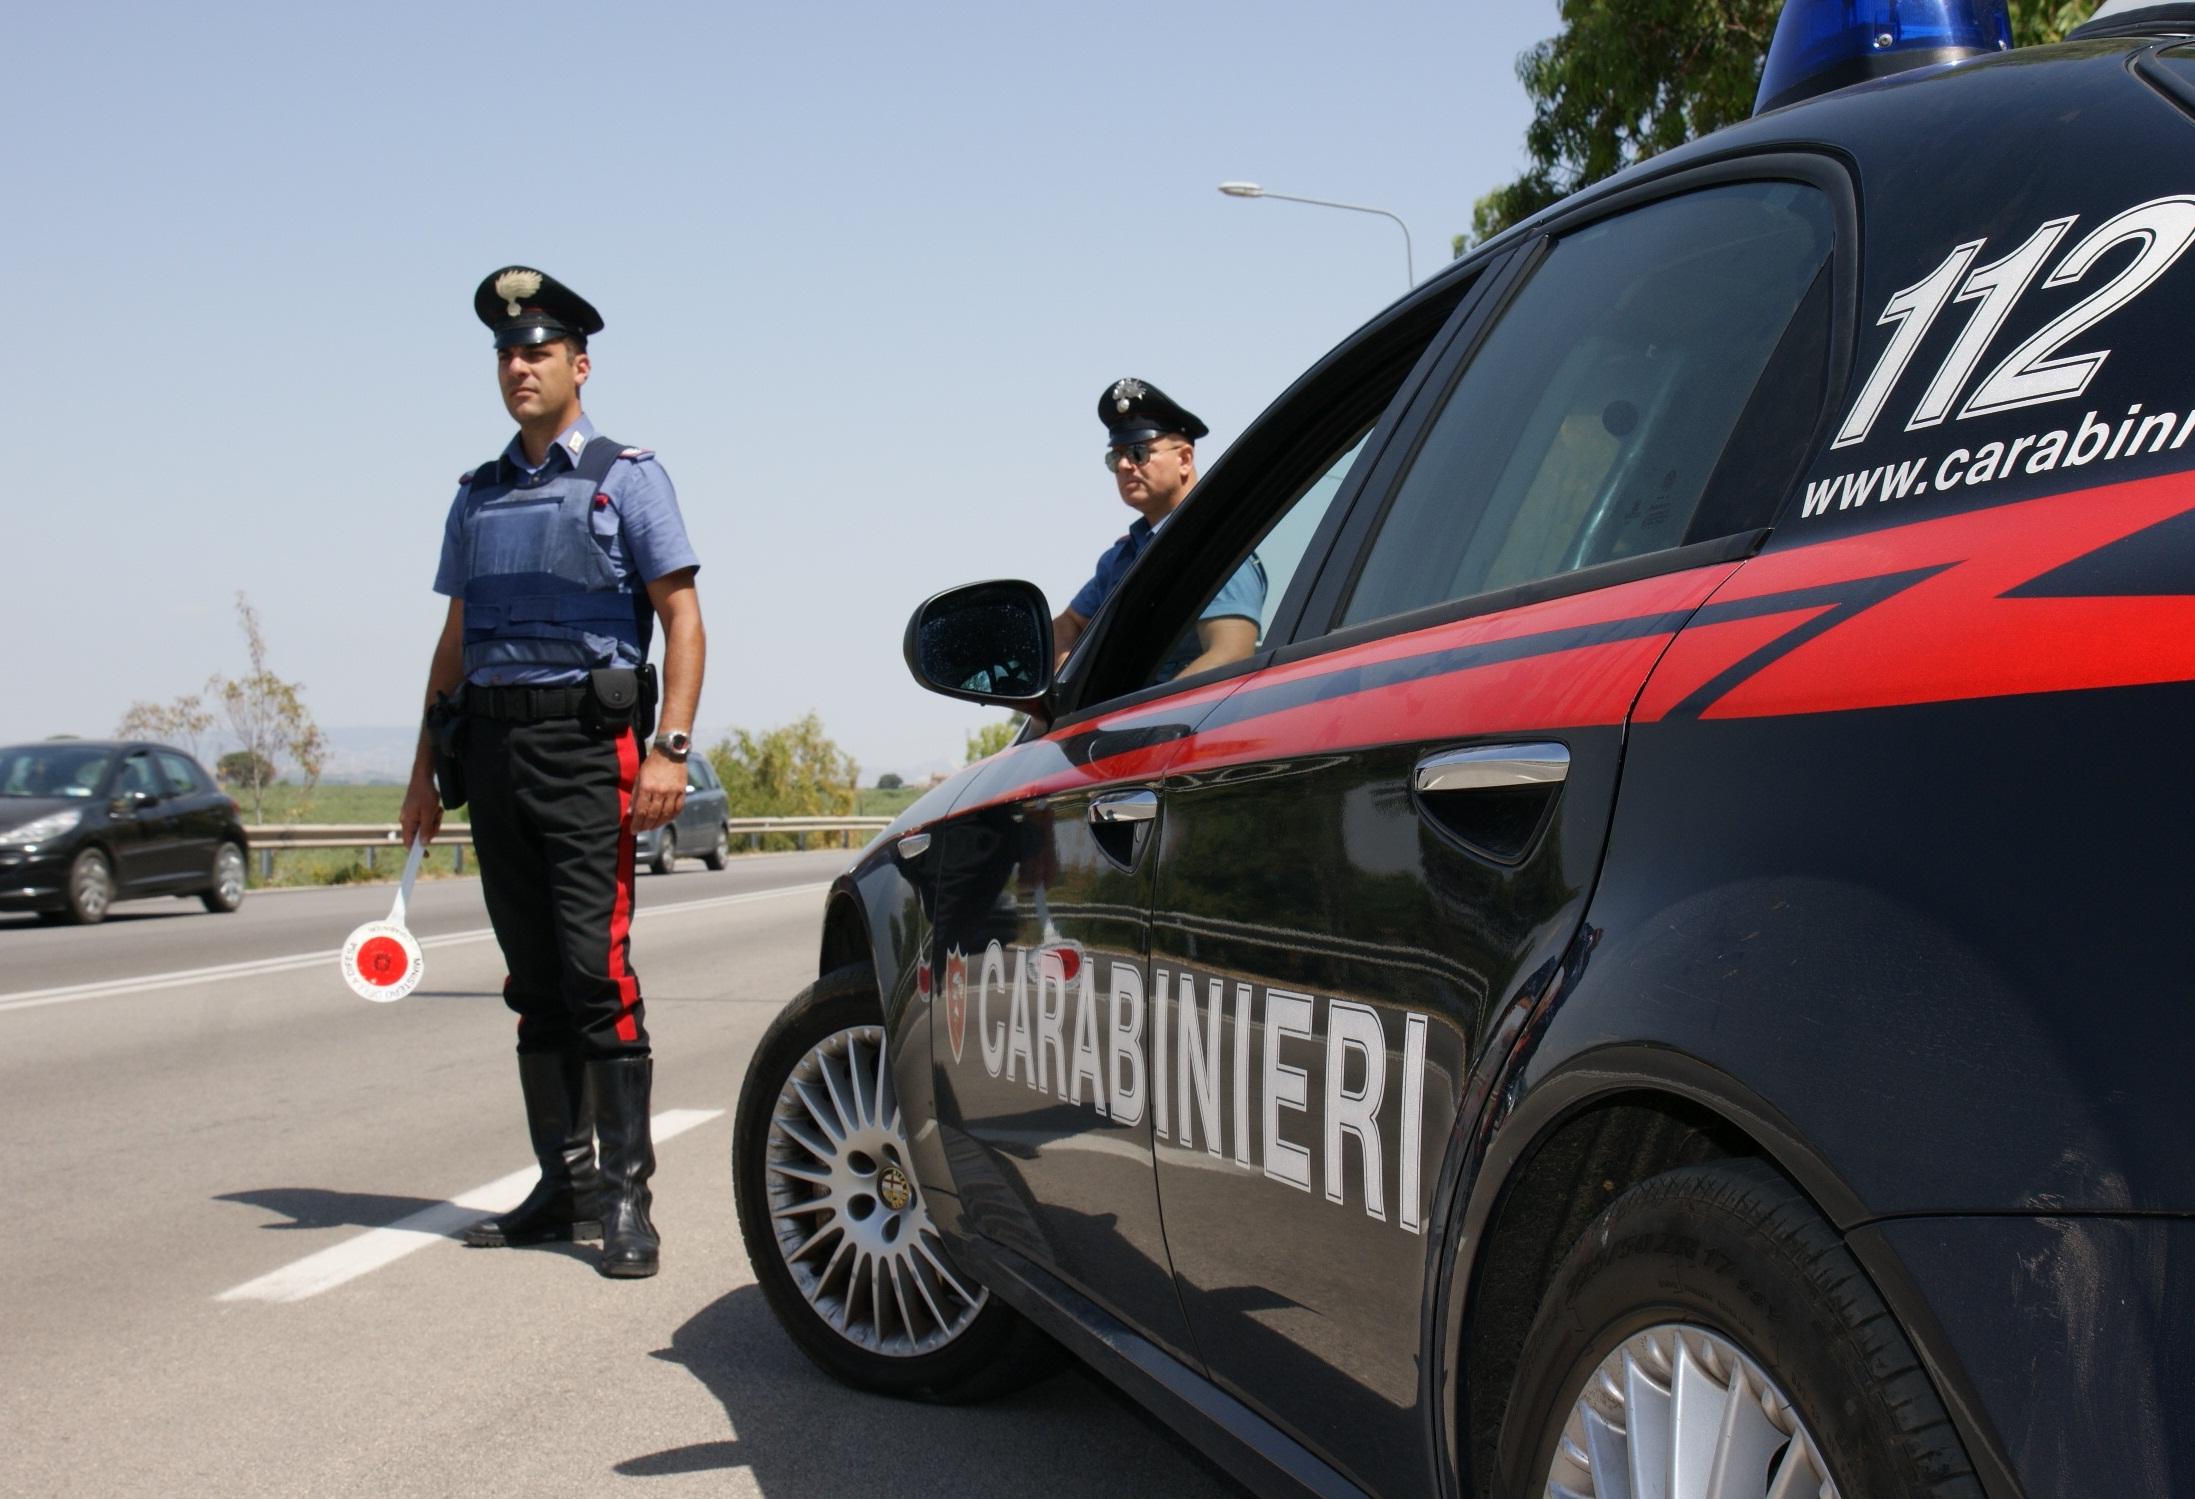 Carabinieri recuperano refurtiva rubata in un'auto